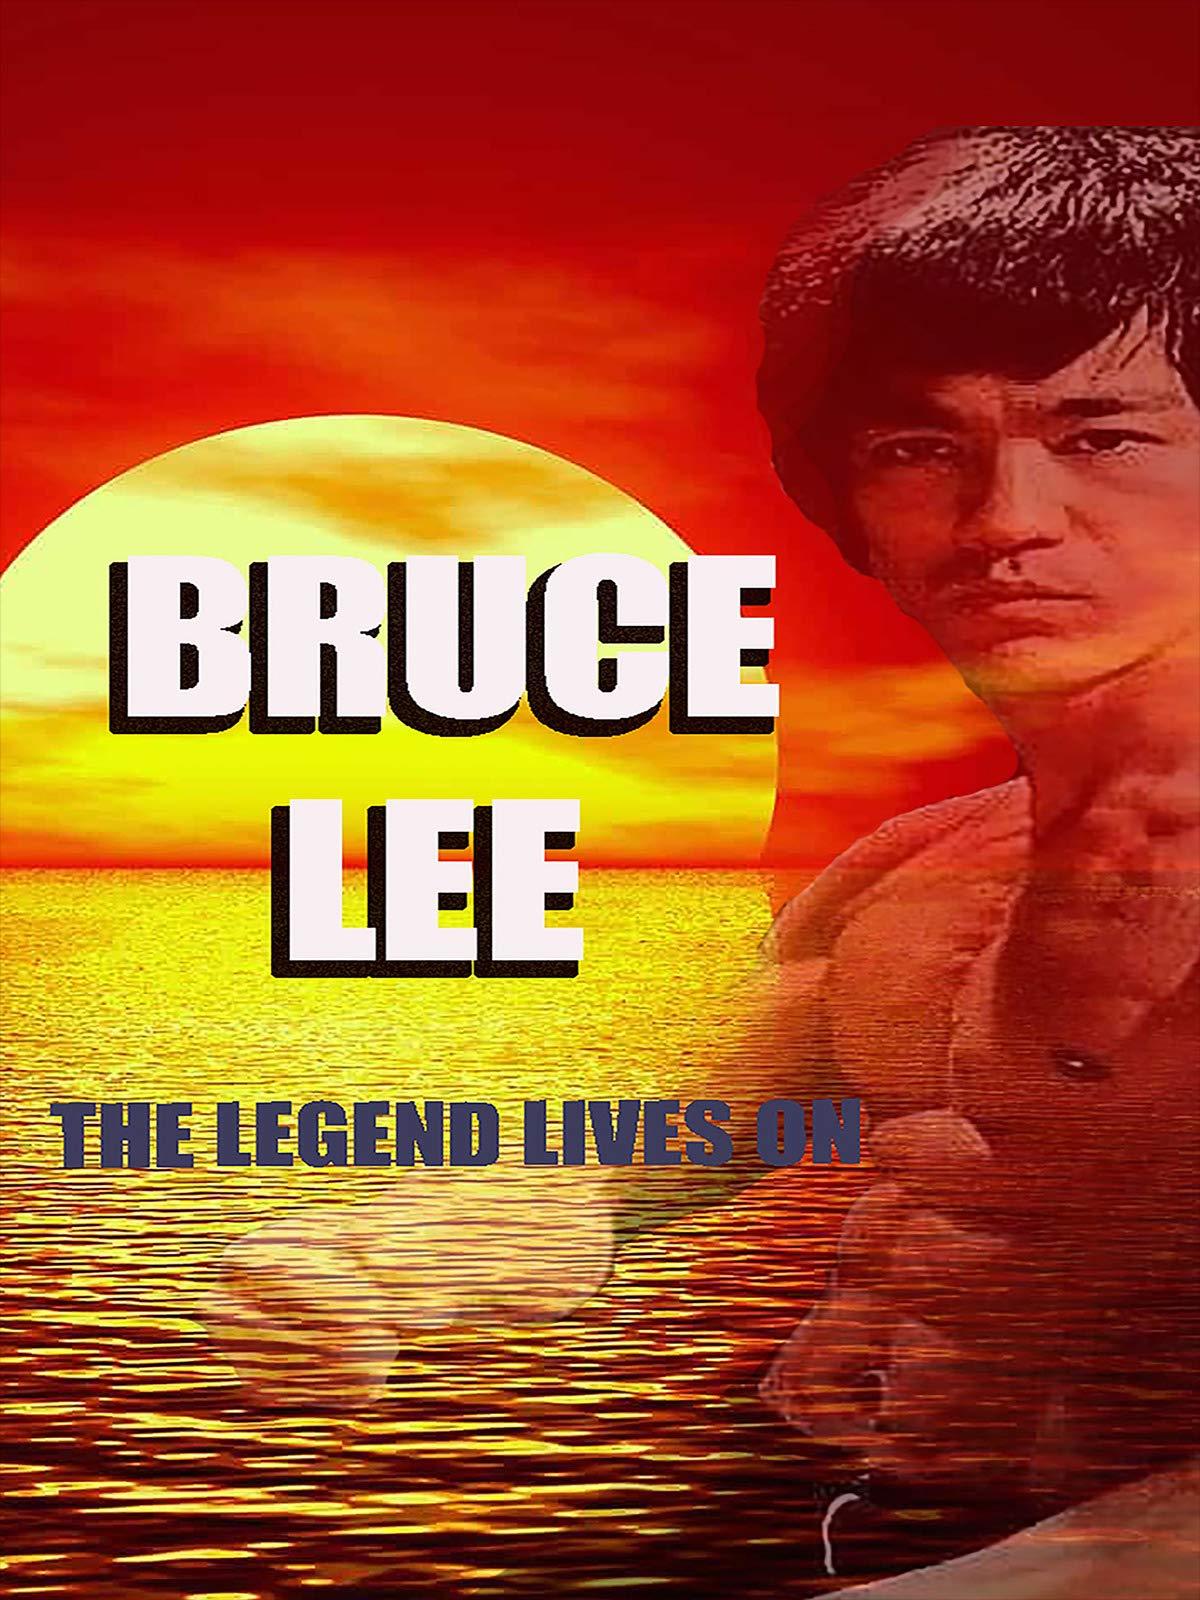 Bruce Lee The Legend Lives On